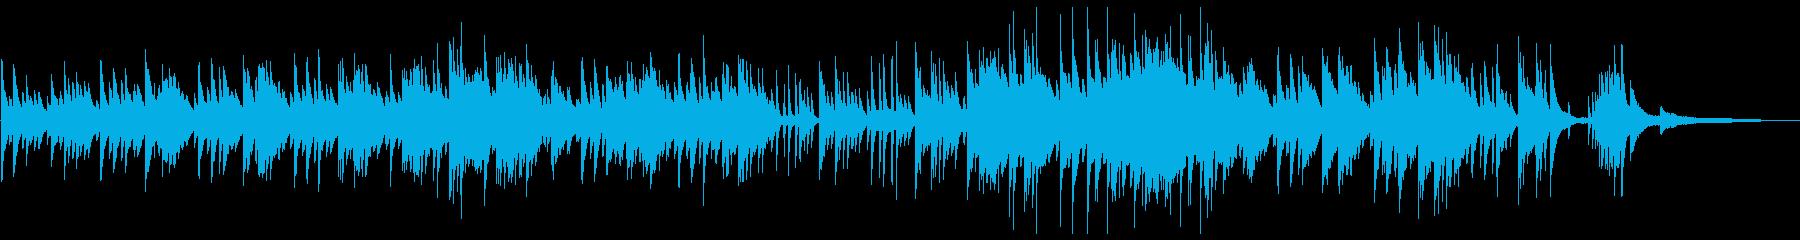 感動的でノスタルジックなピアノソロの再生済みの波形